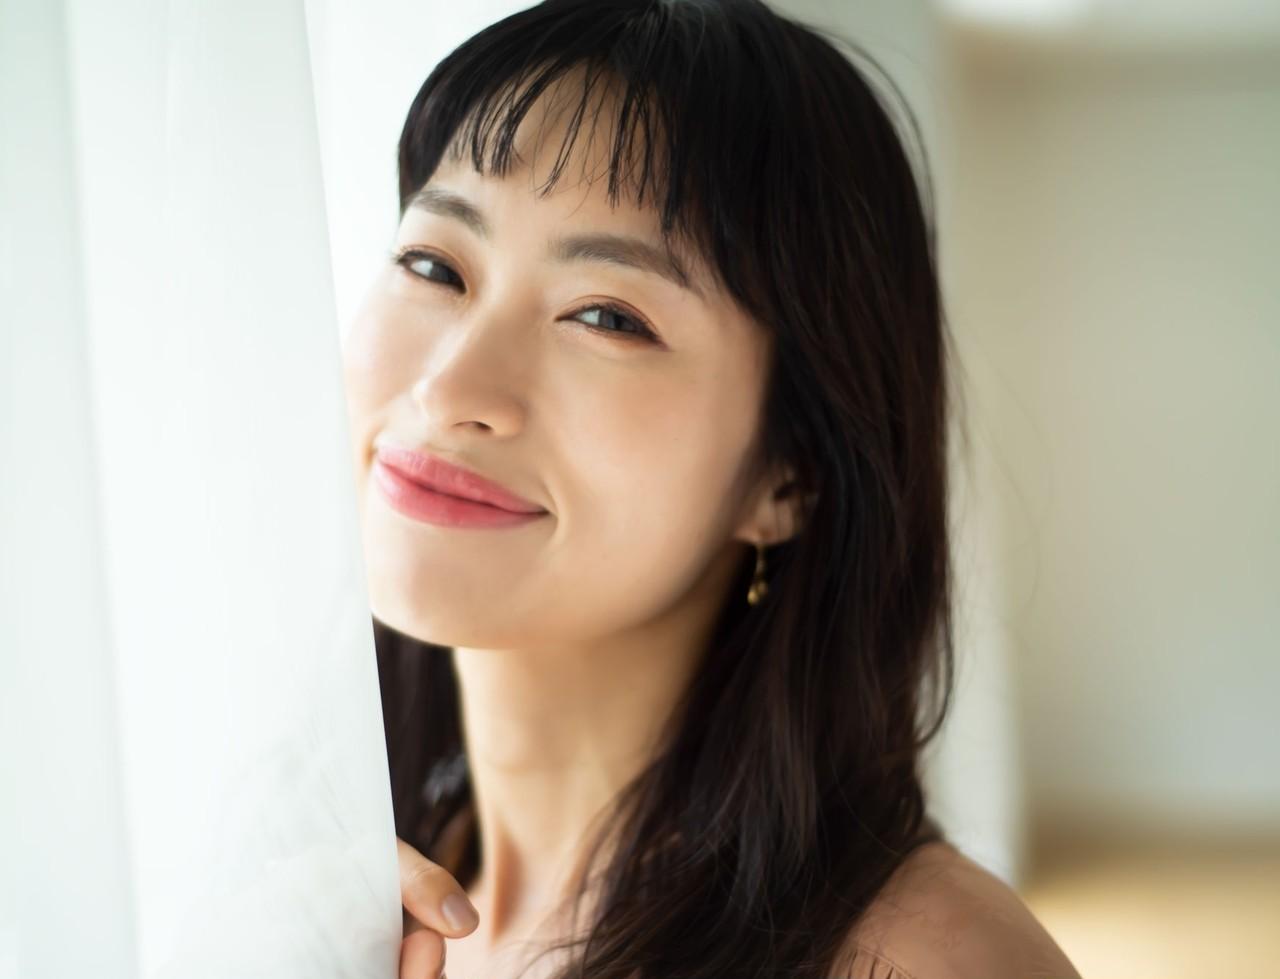 岡本静香さん「美容を通じて自分をもっと好きになれる」心まで引き上げる30代からのスキンケア _8